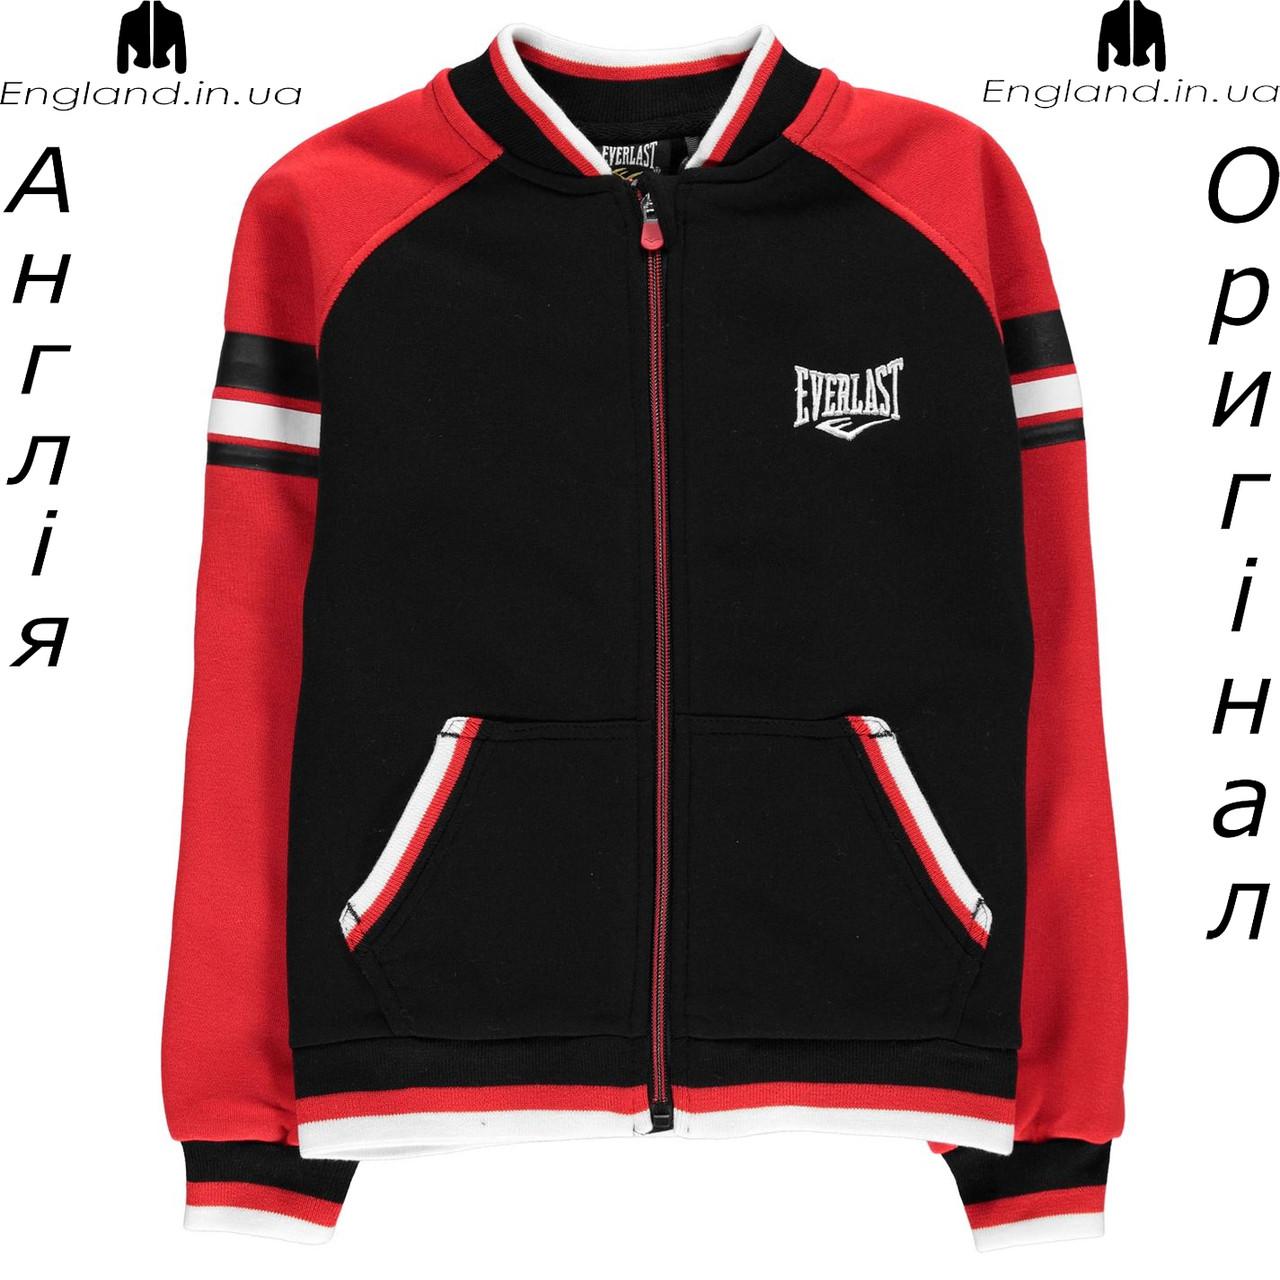 Куртка Everlast из Англии для мальчиков 2-14 лет - красно-чёрная